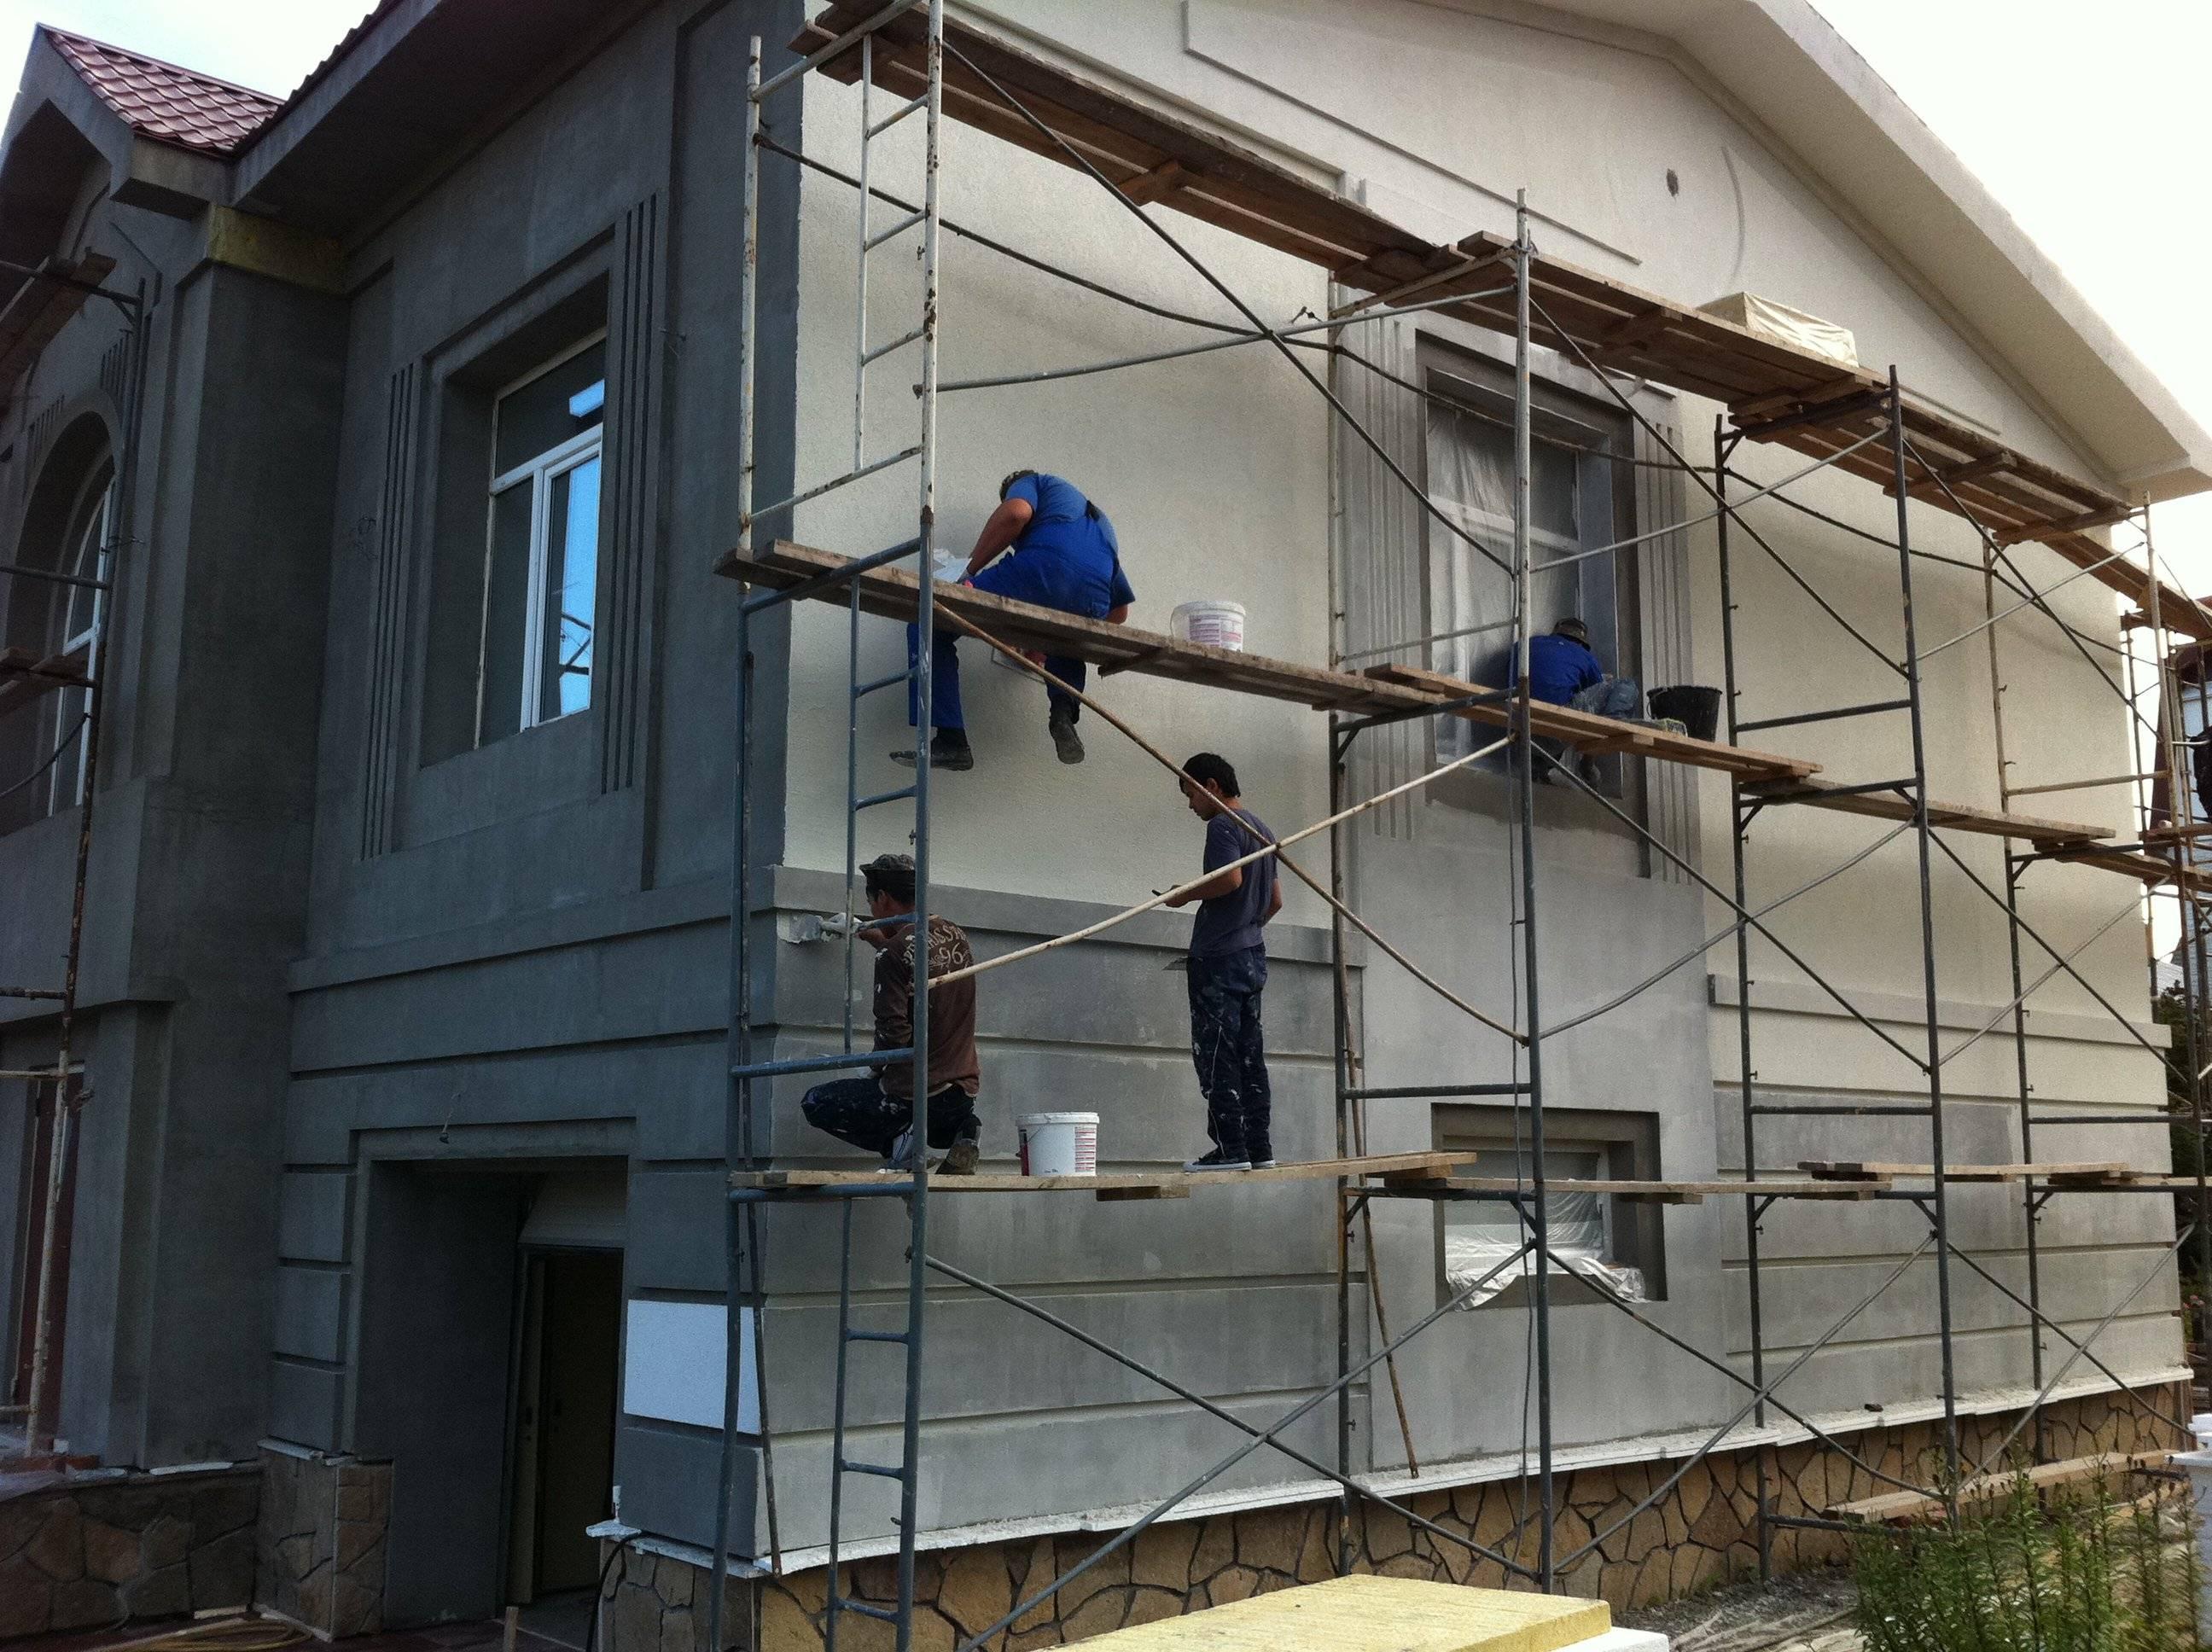 Нормативы проведения капитального ремонта фасада многоквартирного дома. подробное разъяснение